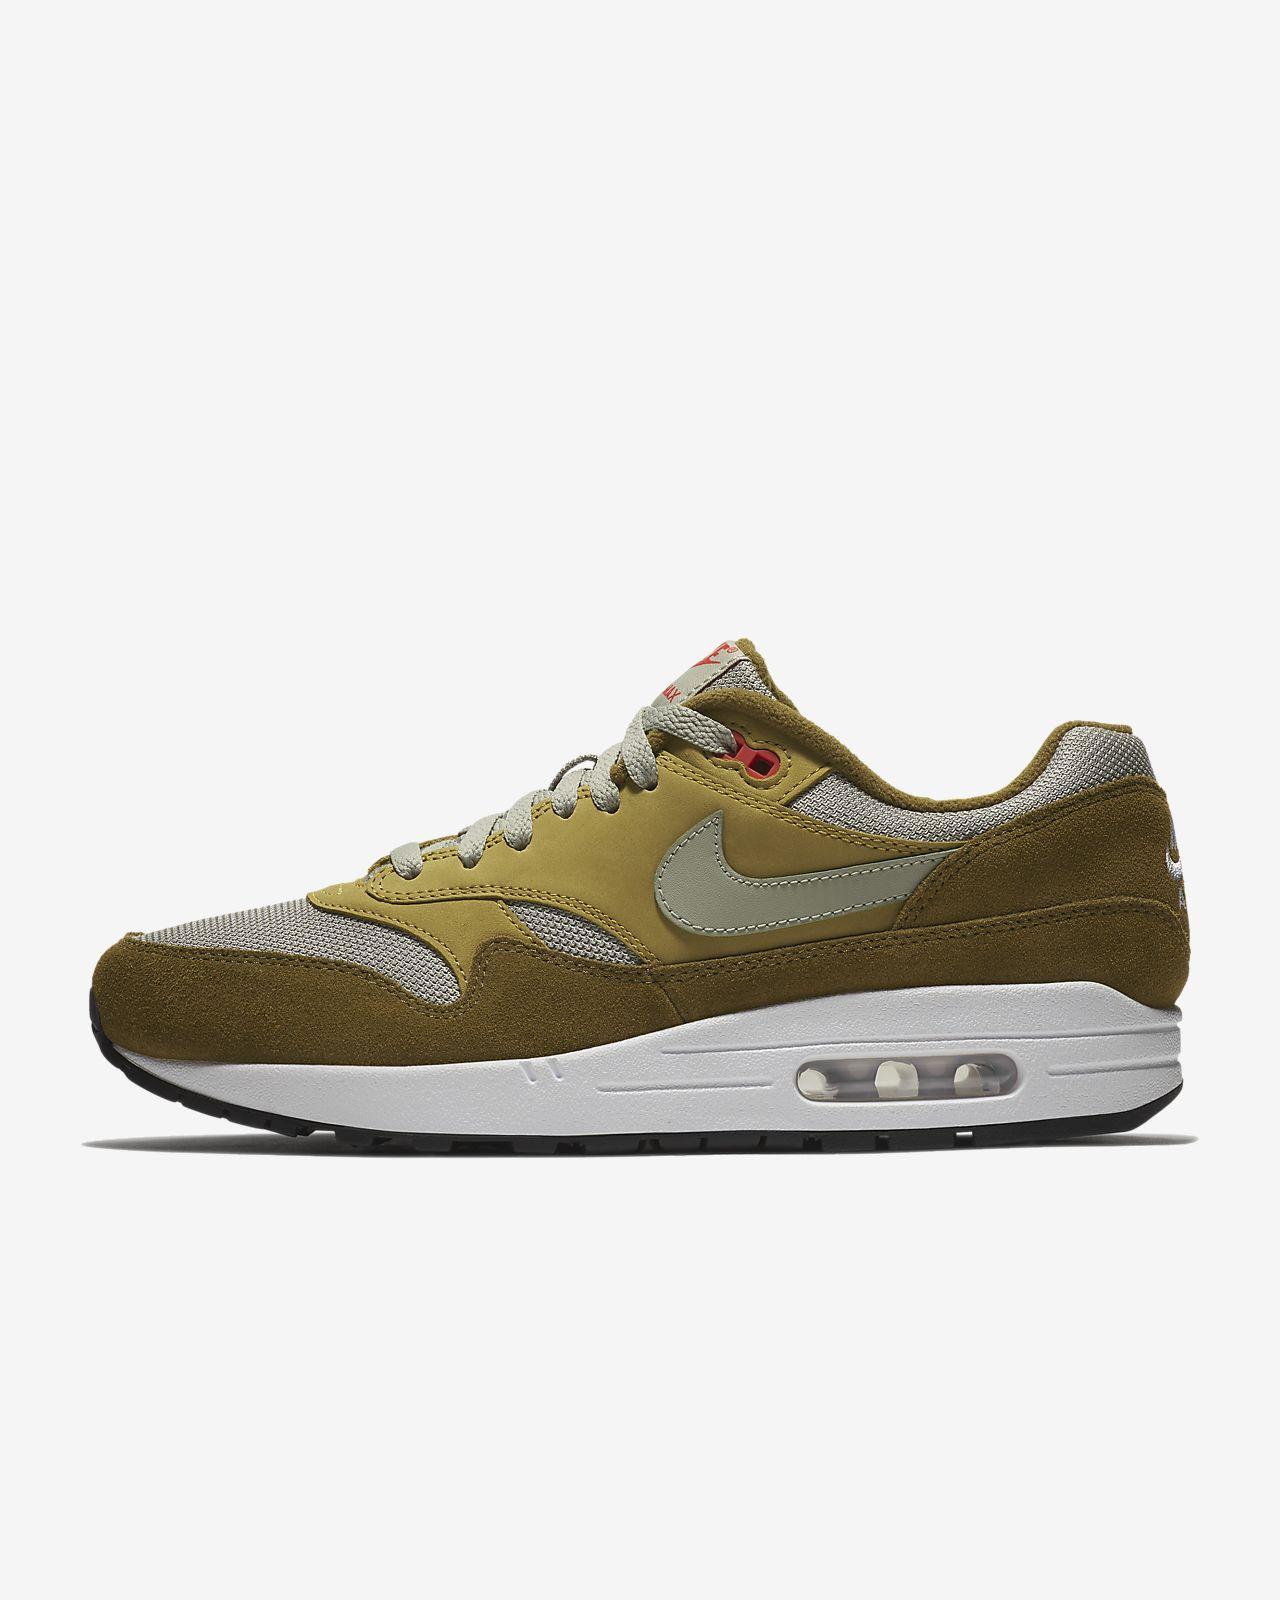 Nike Herre Sko Rabatt Nike Air Max Vision Løpesko Herre